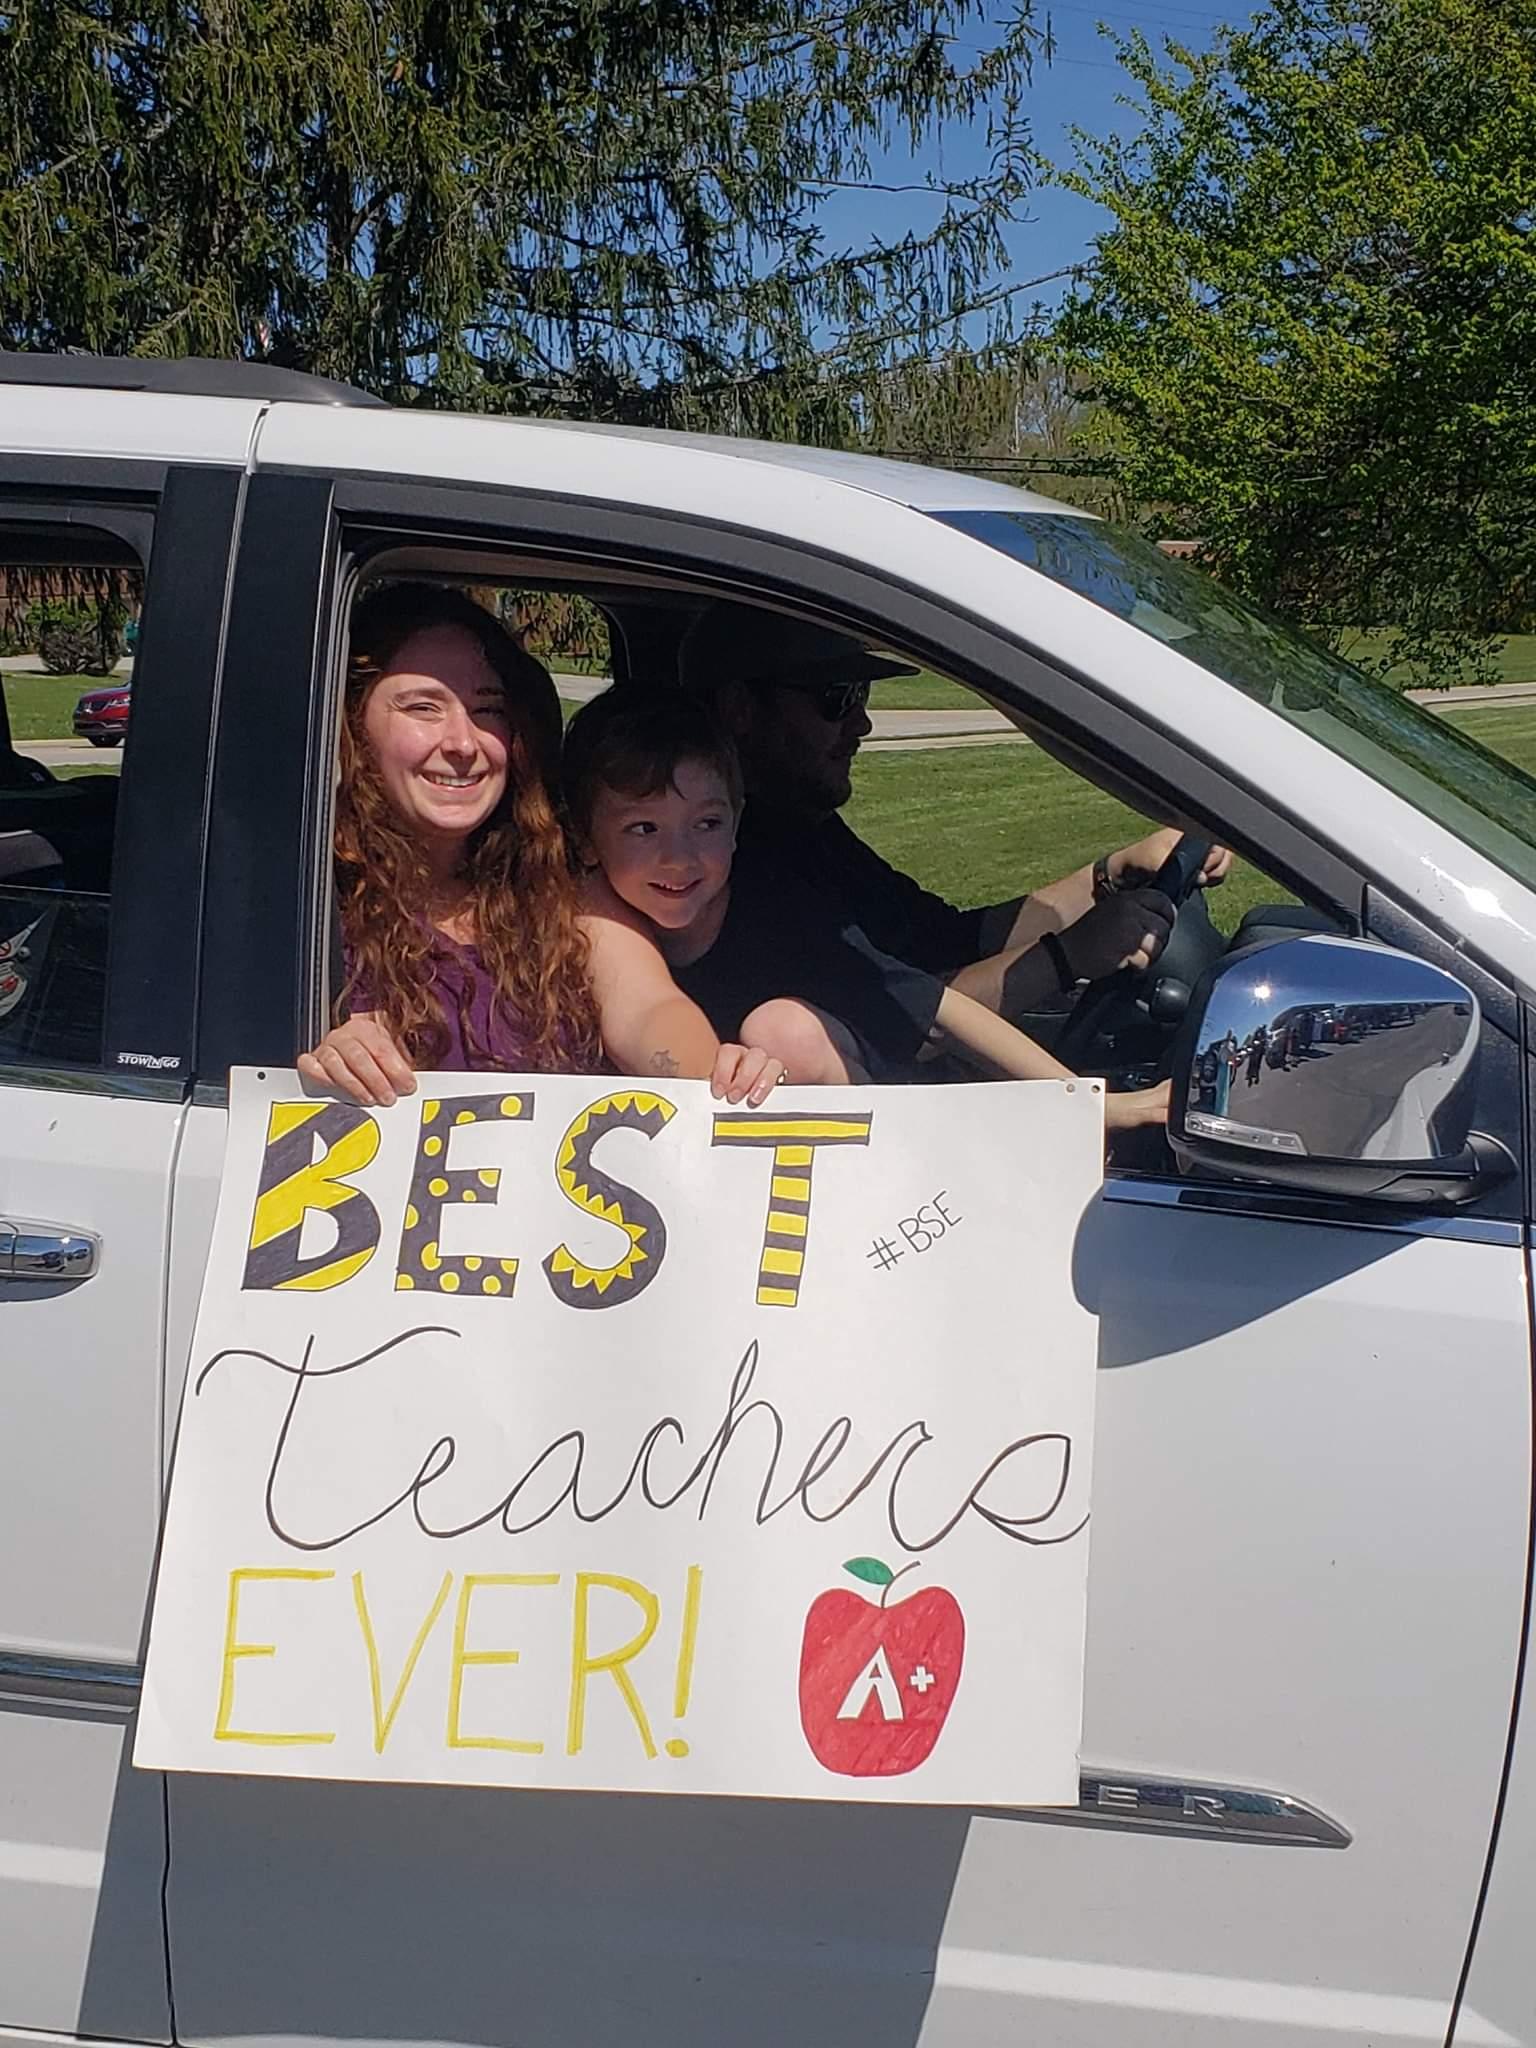 Best teachers ever